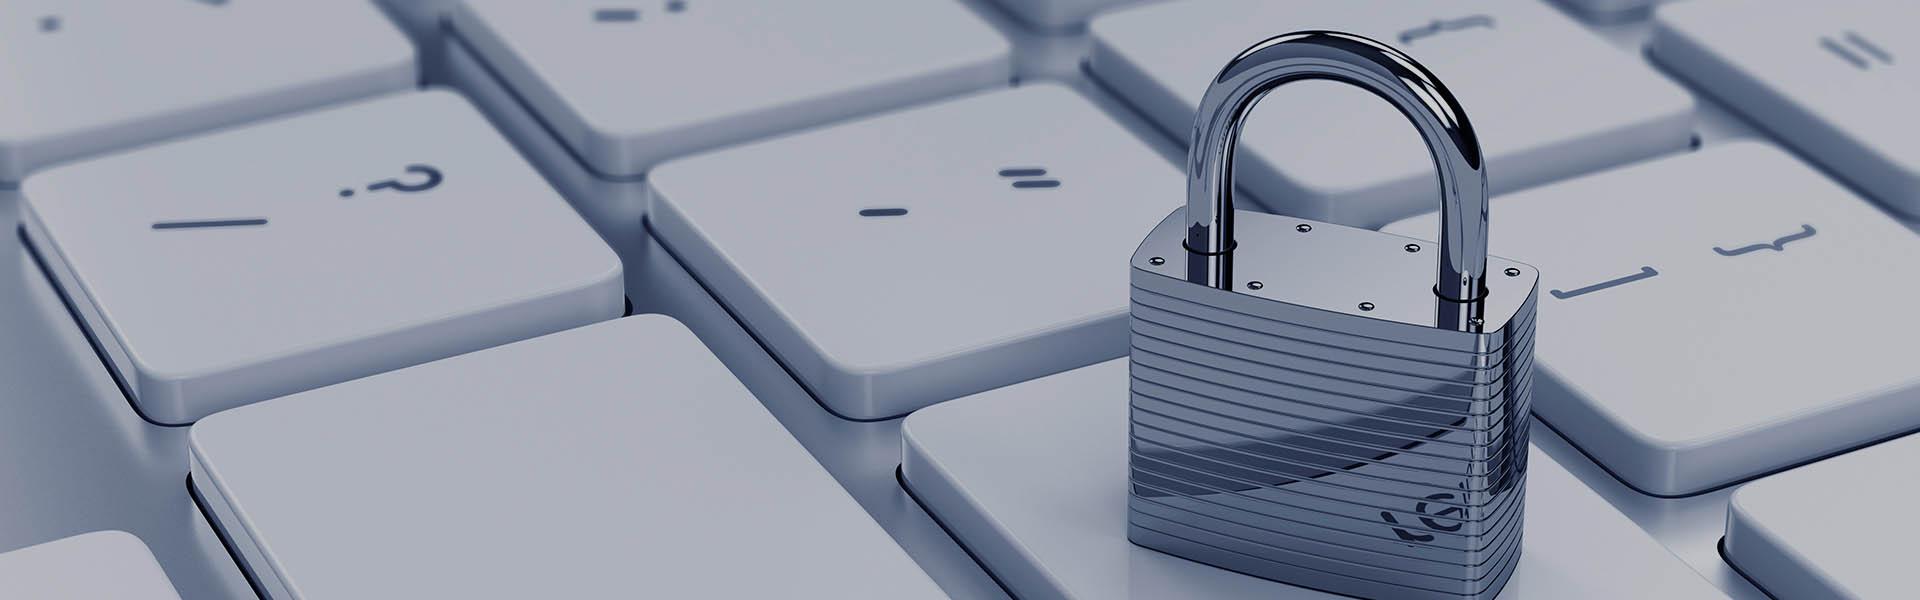 FAQ по Безопасности от Anonim.network